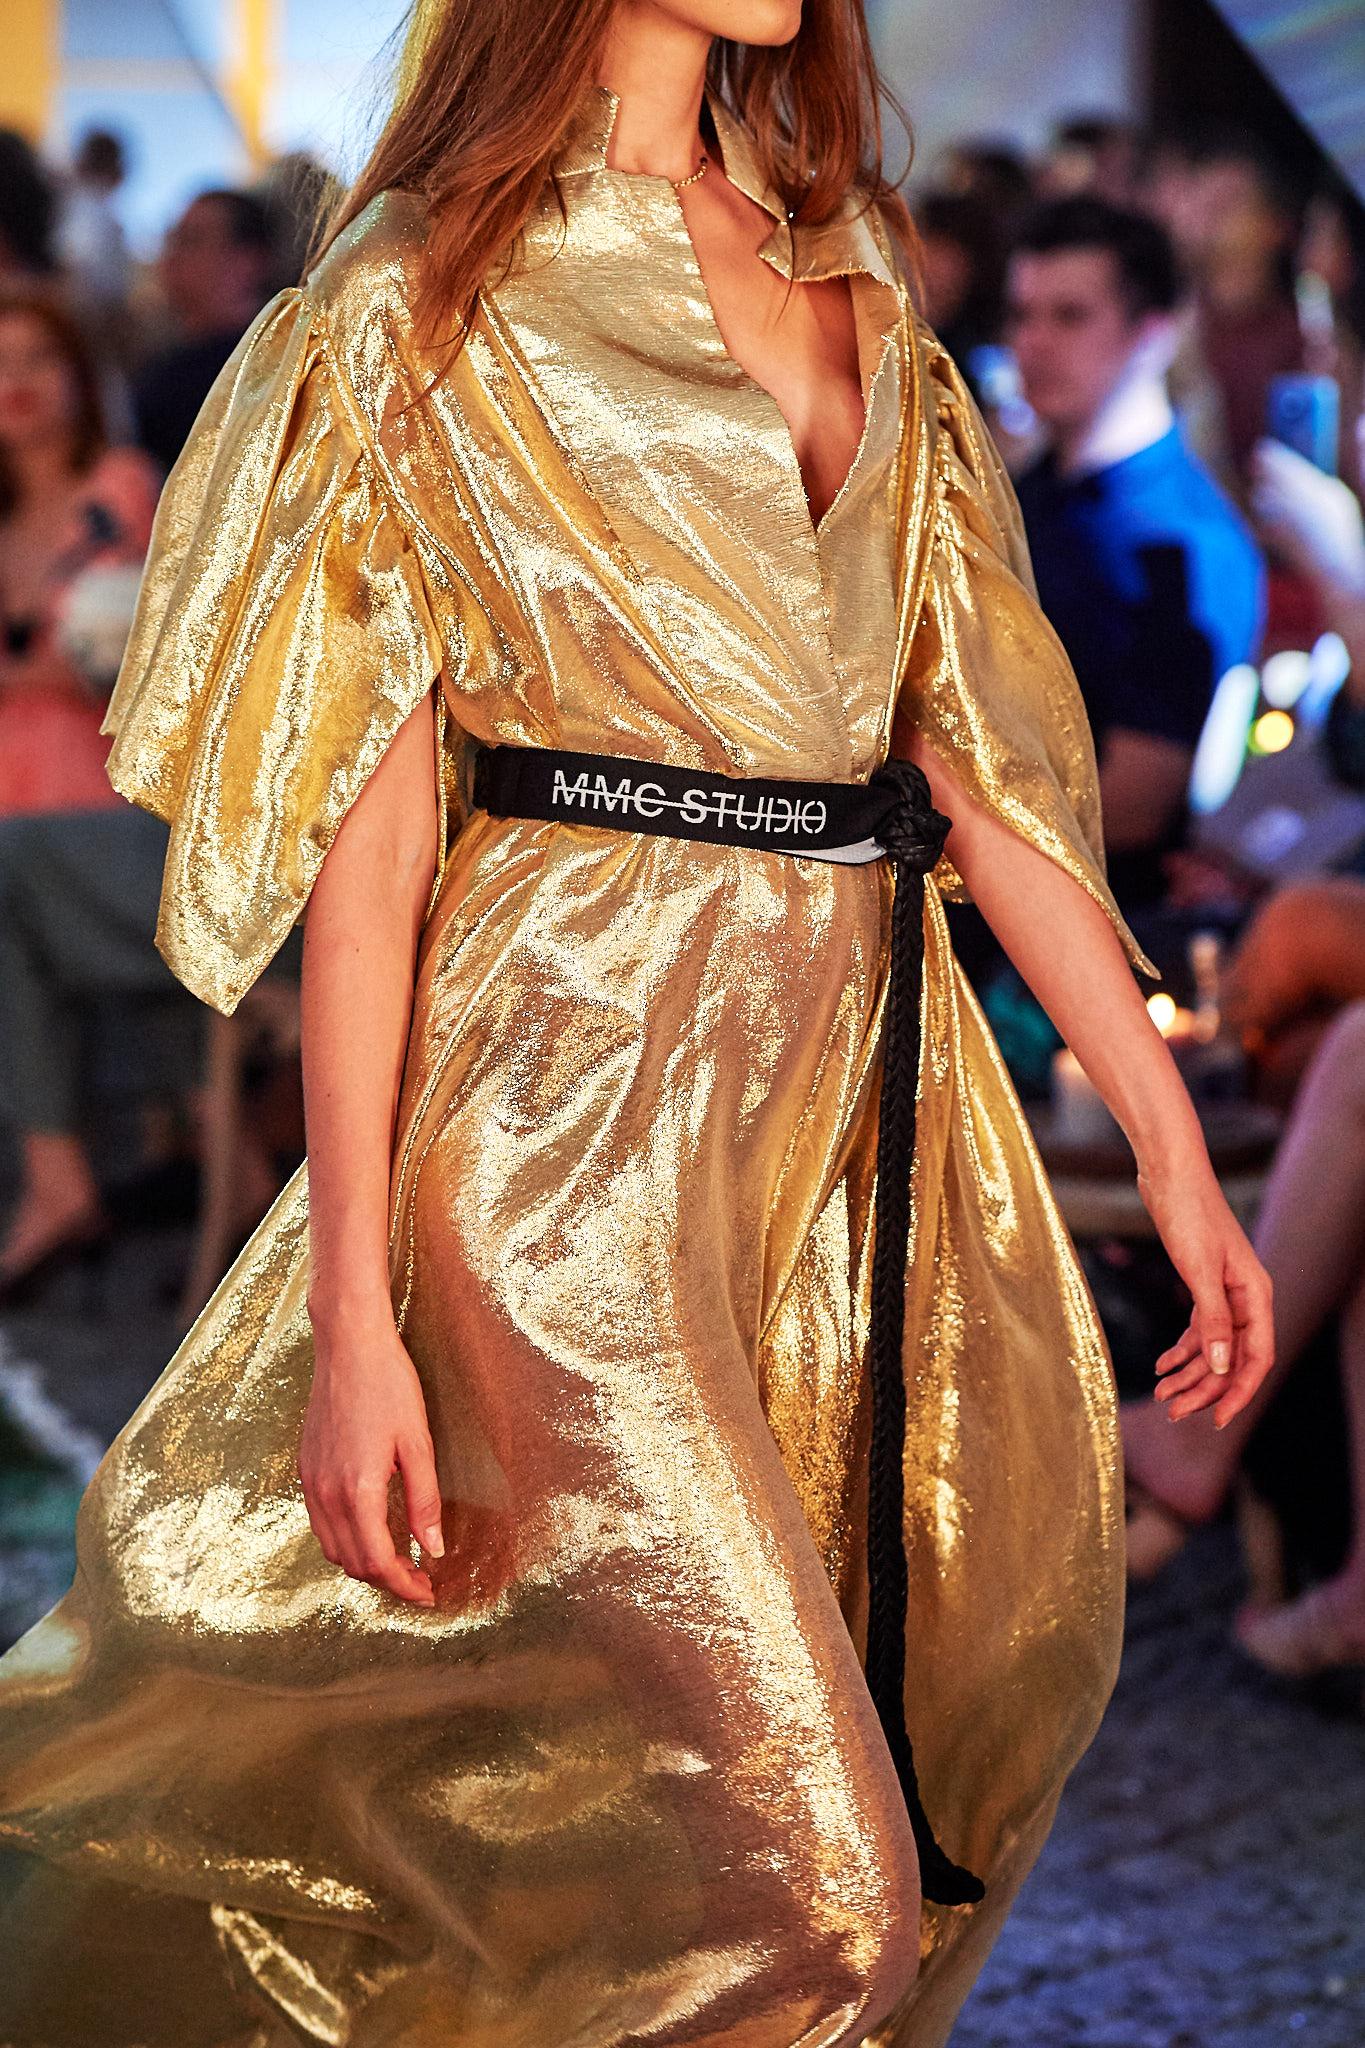 43_MMC-010719-lowres-fotFilipOkopny-FashionImages